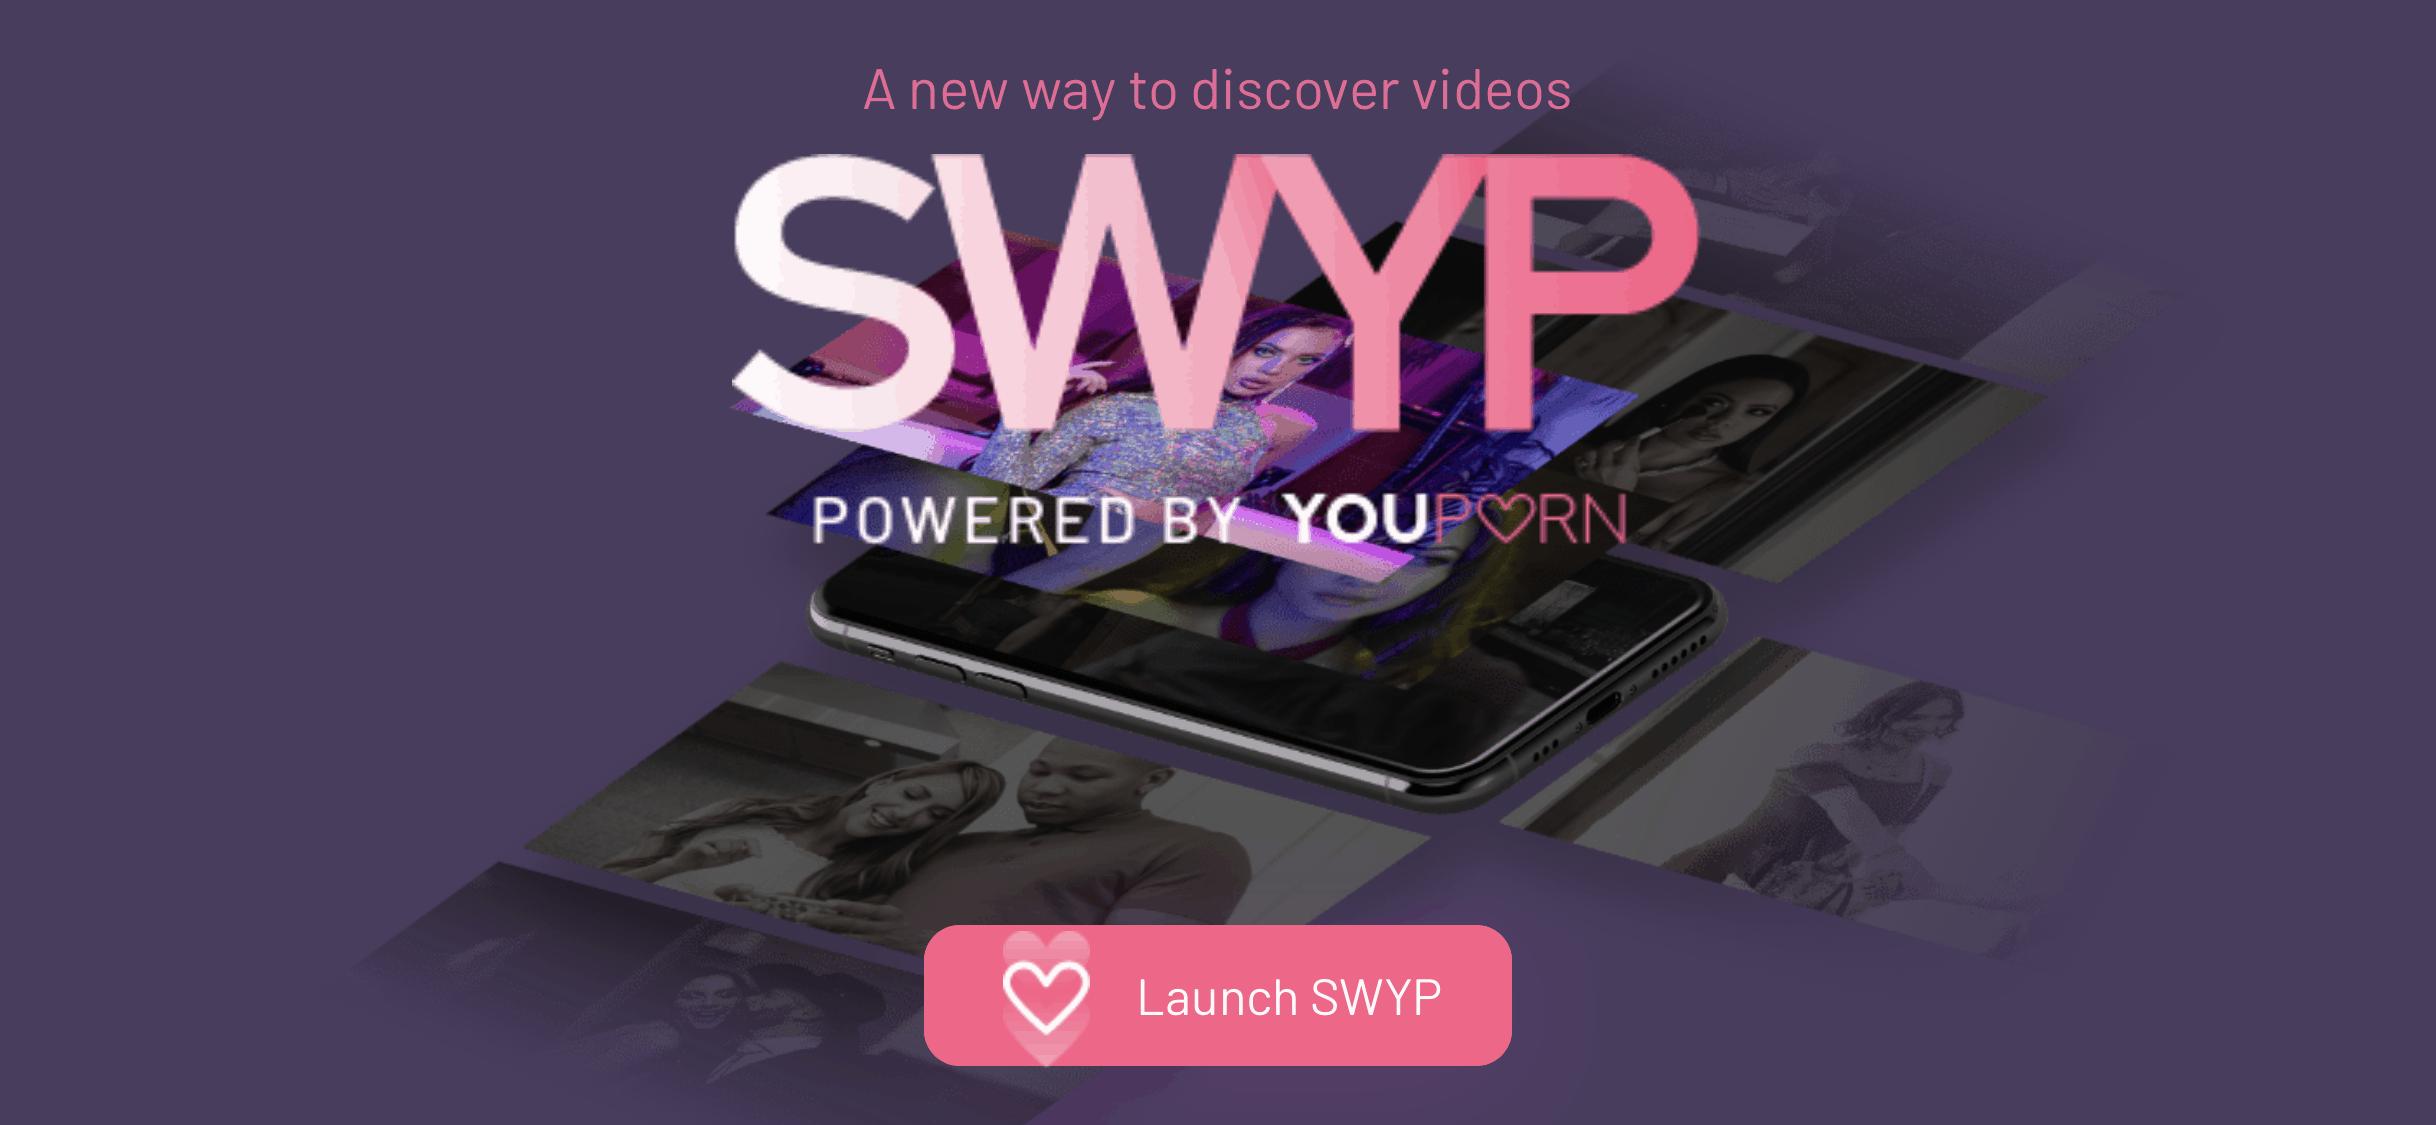 YouPorn Swyp : YouPorn lance un service qui glisse comme TikTok